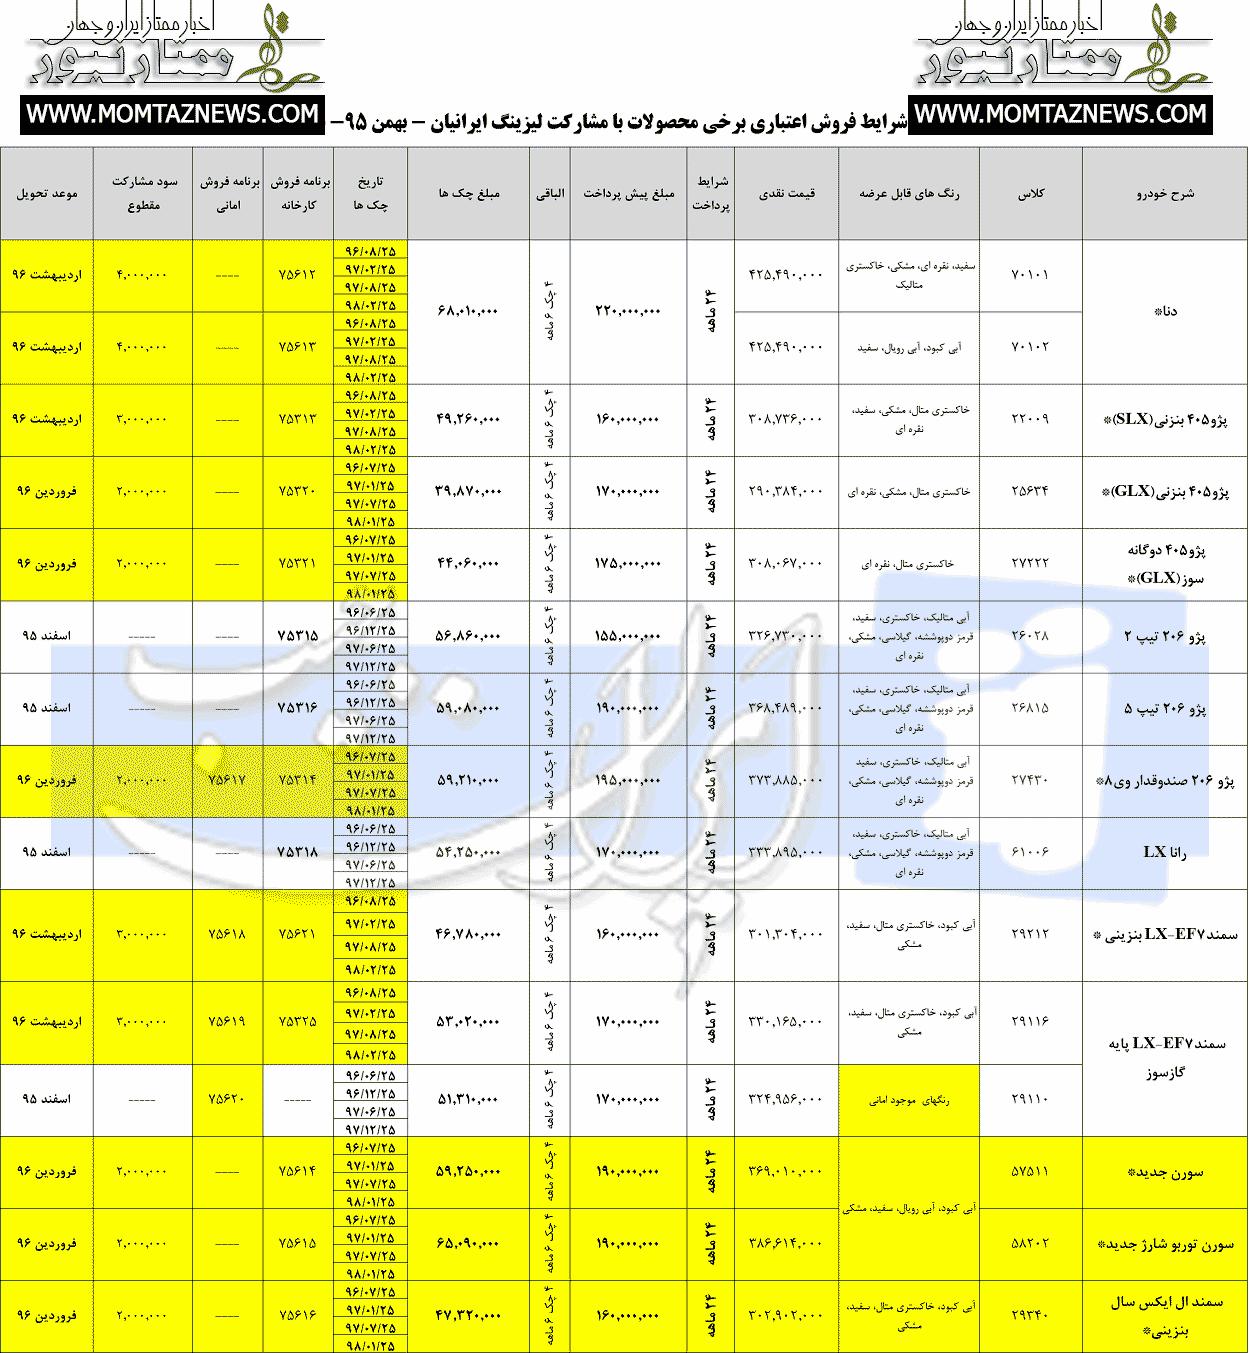 شرایط فروش نقدی و اقساطی محصولات ایران خودرو بهمن 95